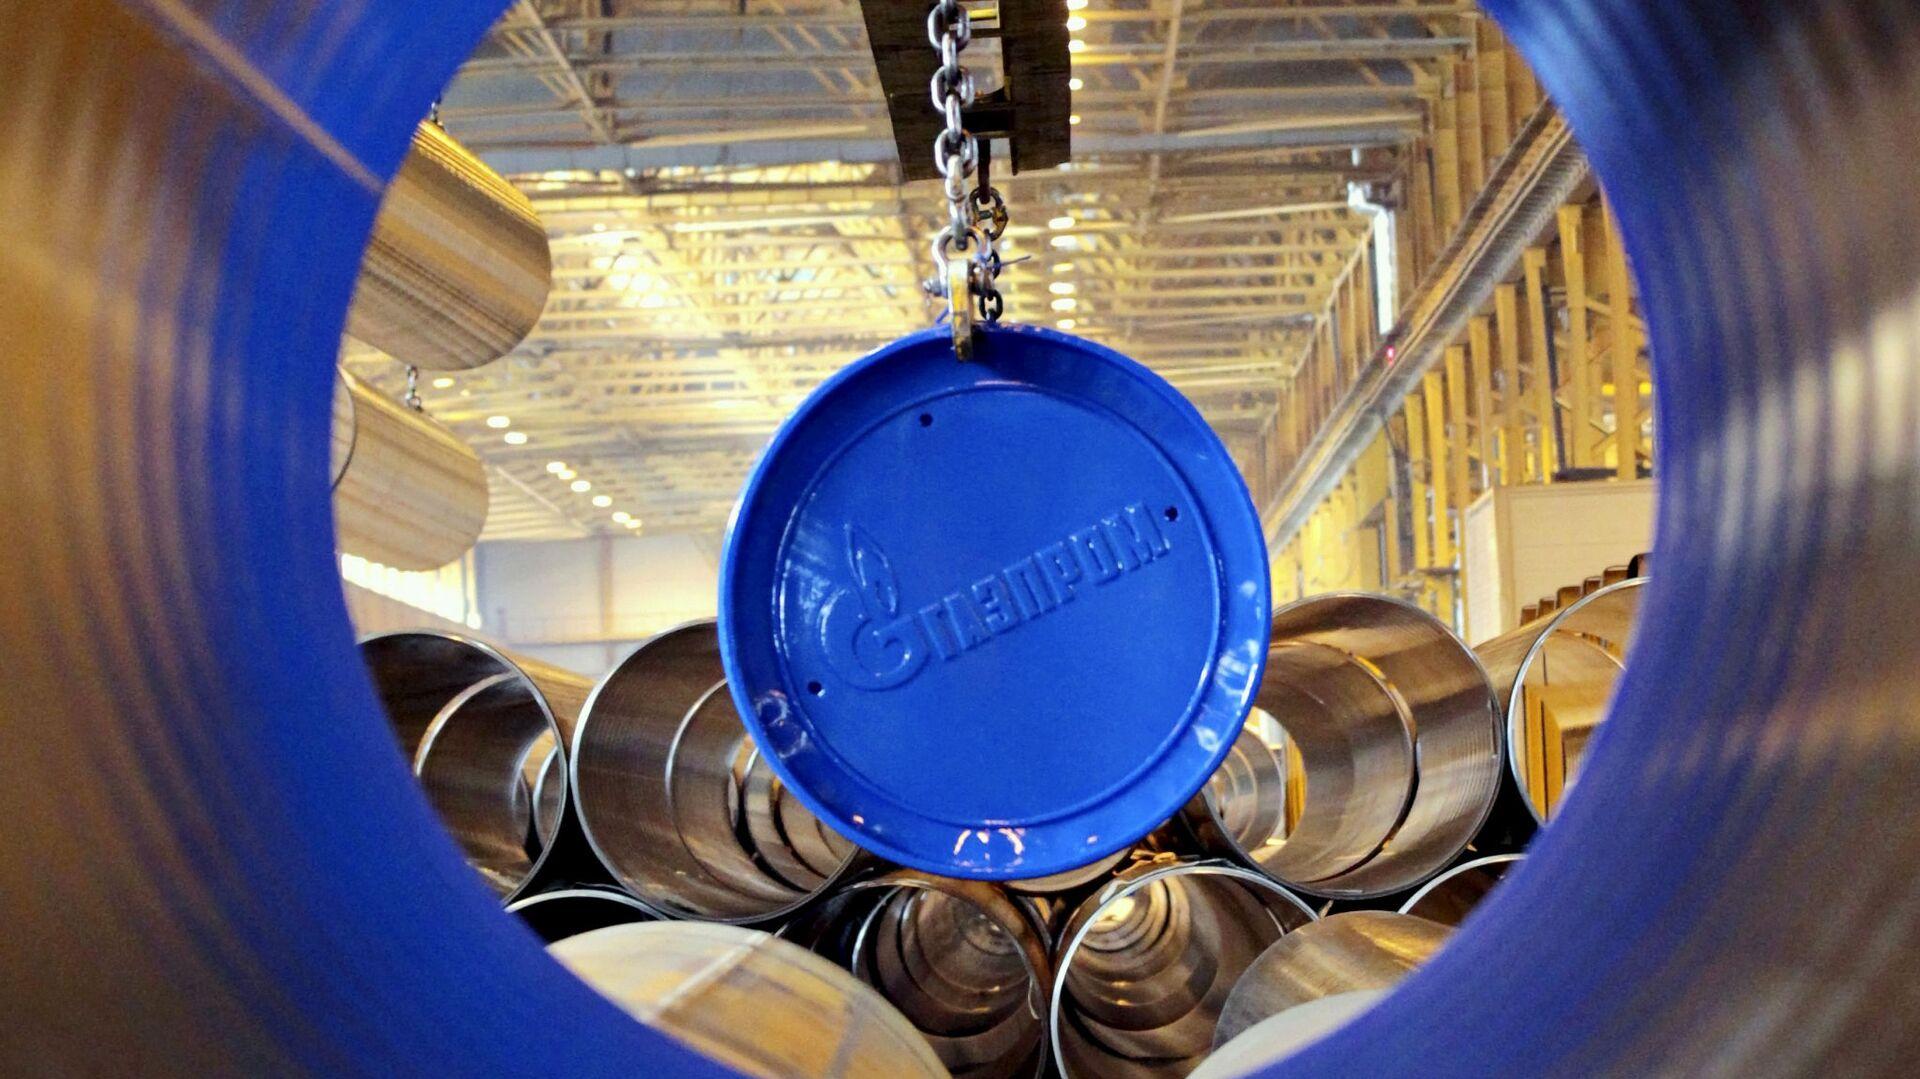 Логотип Газпрома на заводе по производству труб для газопровода - РИА Новости, 1920, 17.02.2021